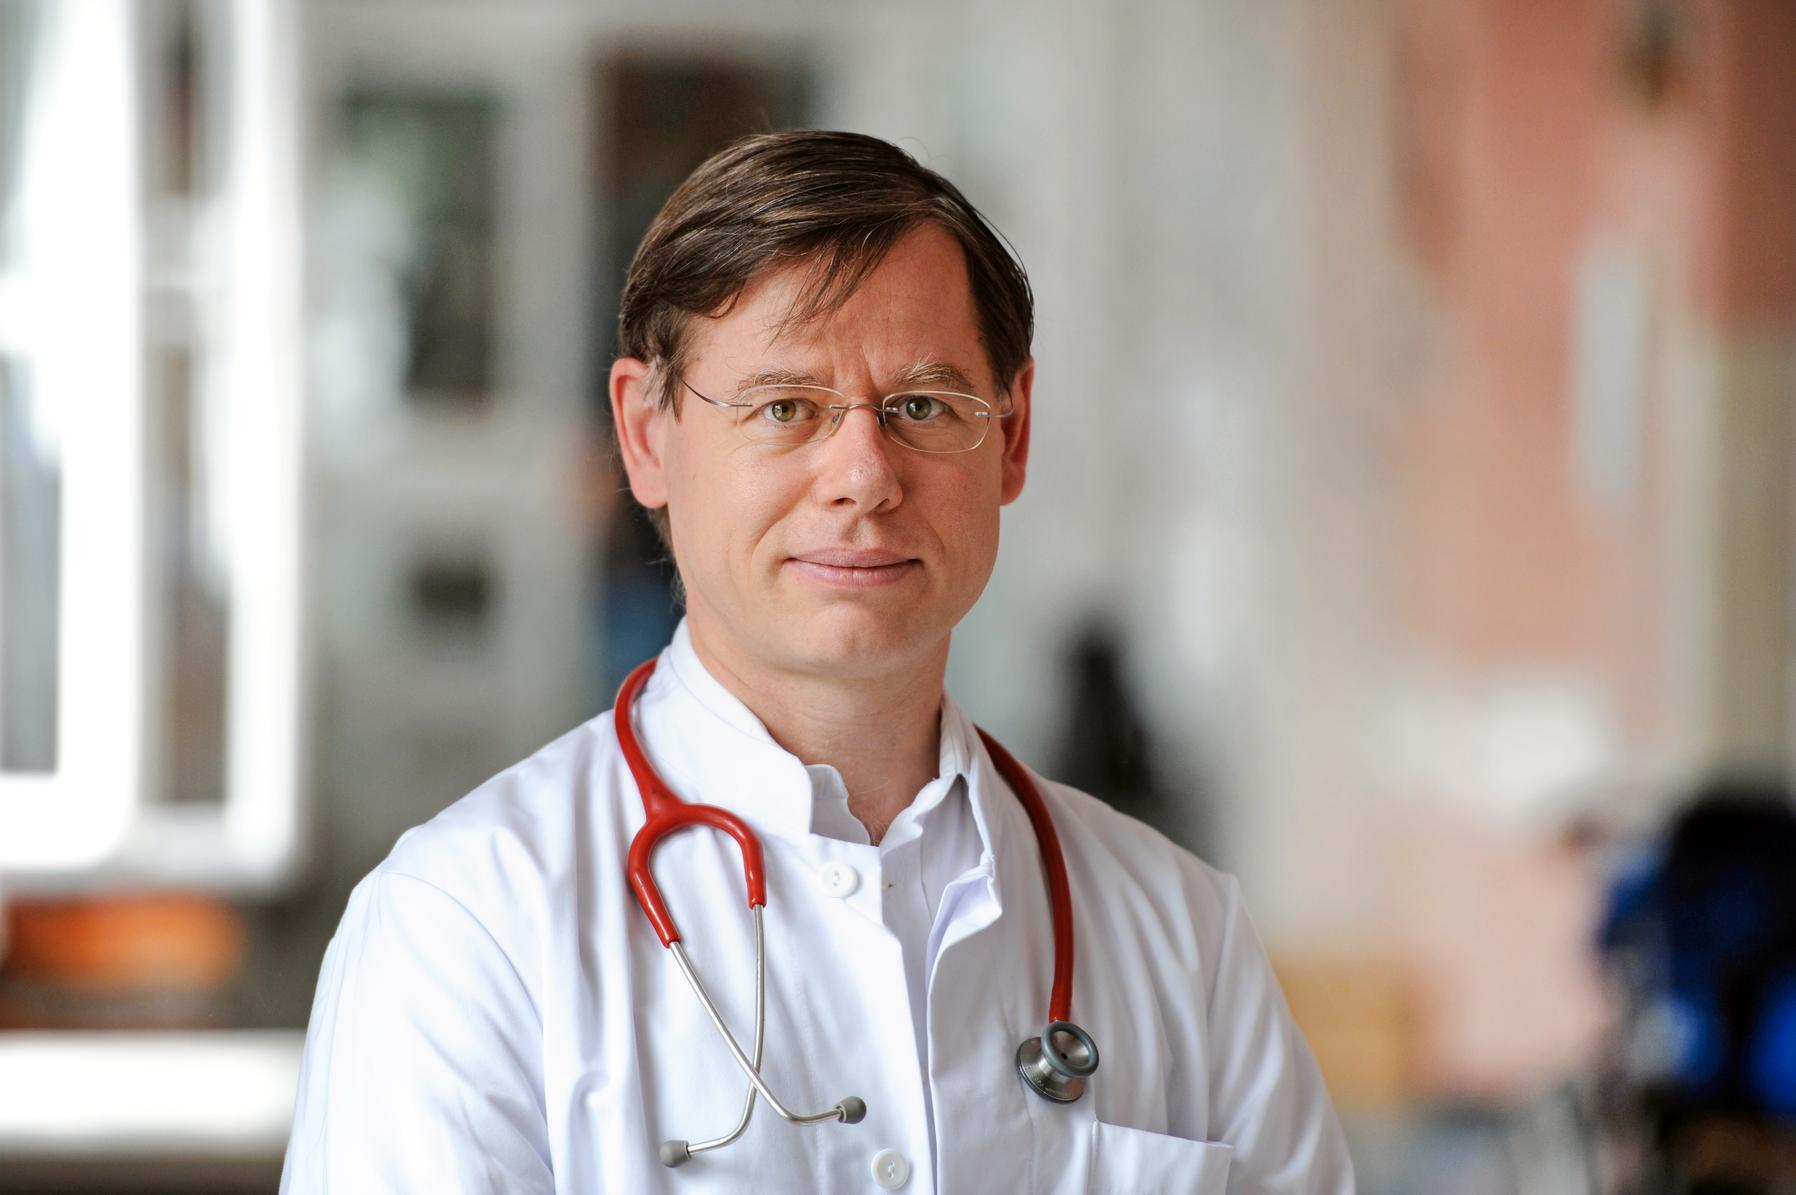 Prof. Dr. med. Dr. sci. nat. Christoph Klein